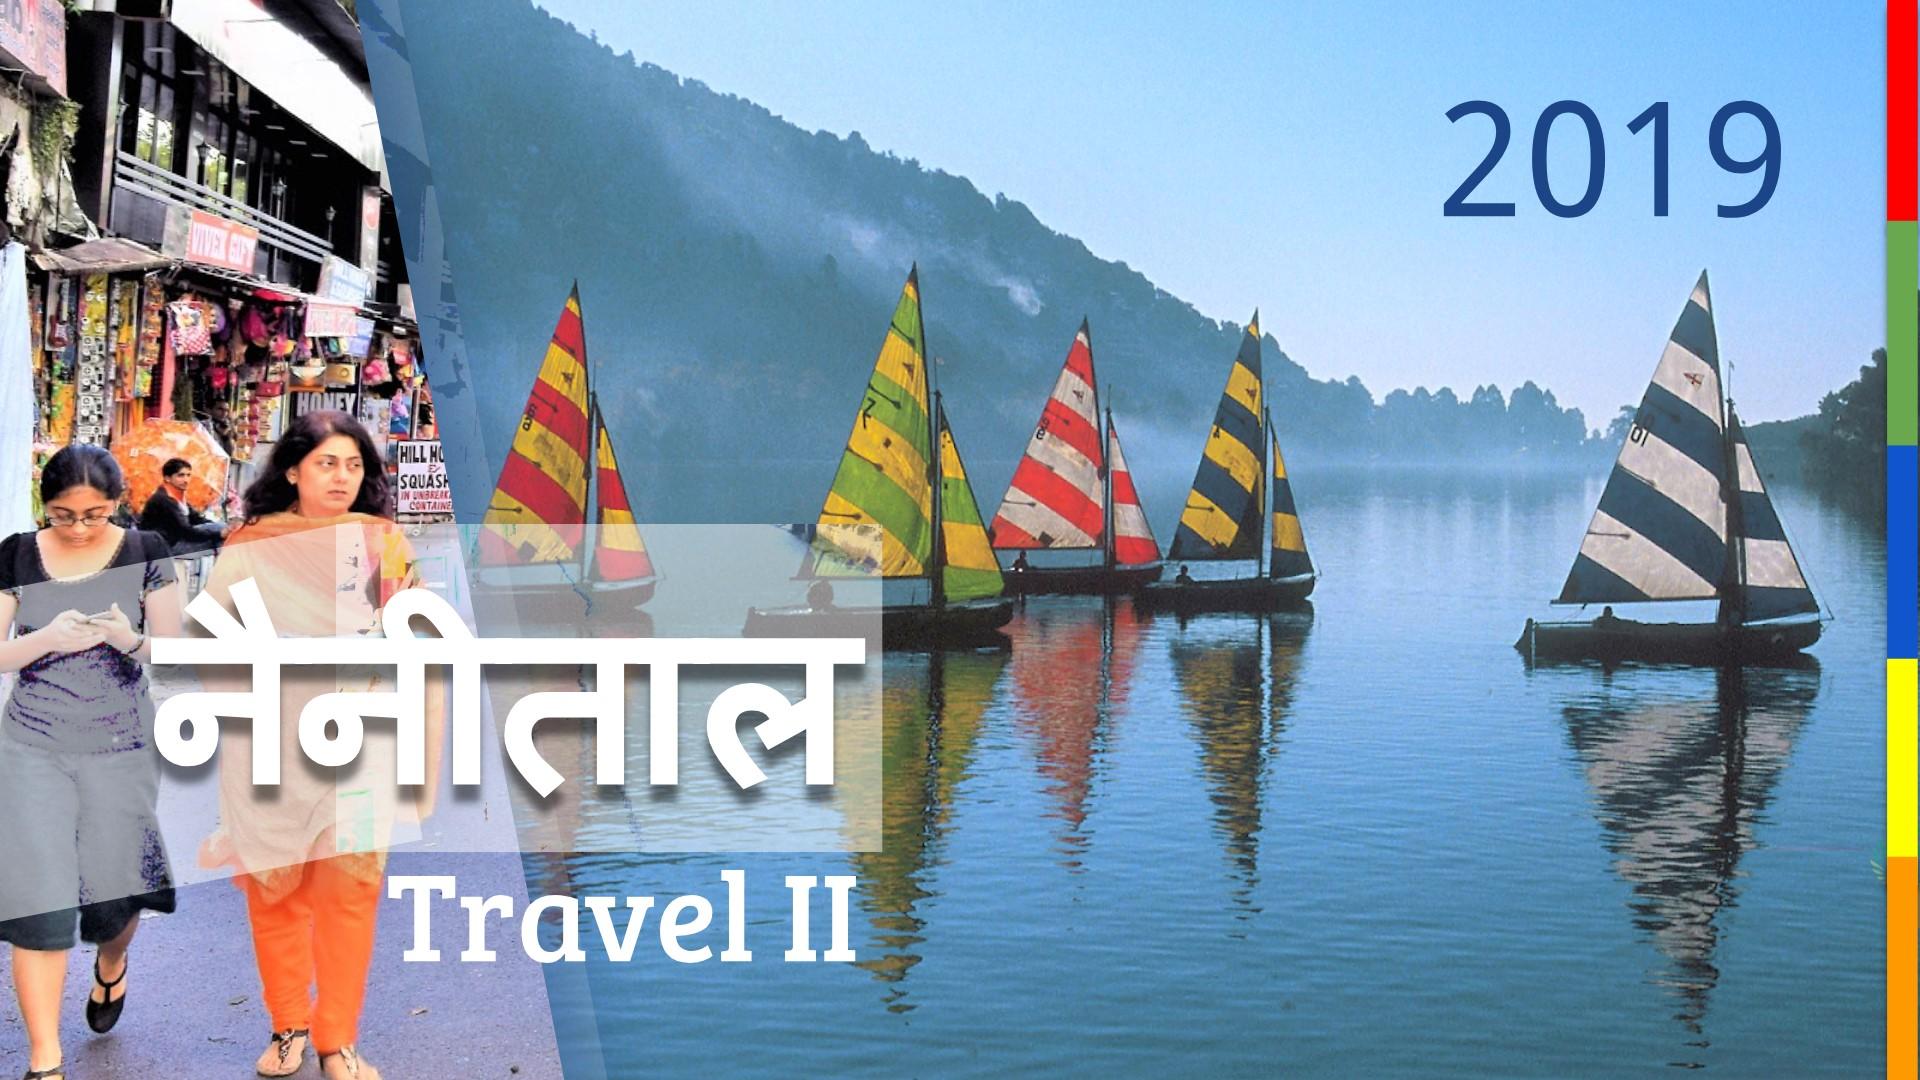 Nainital Travel Guide